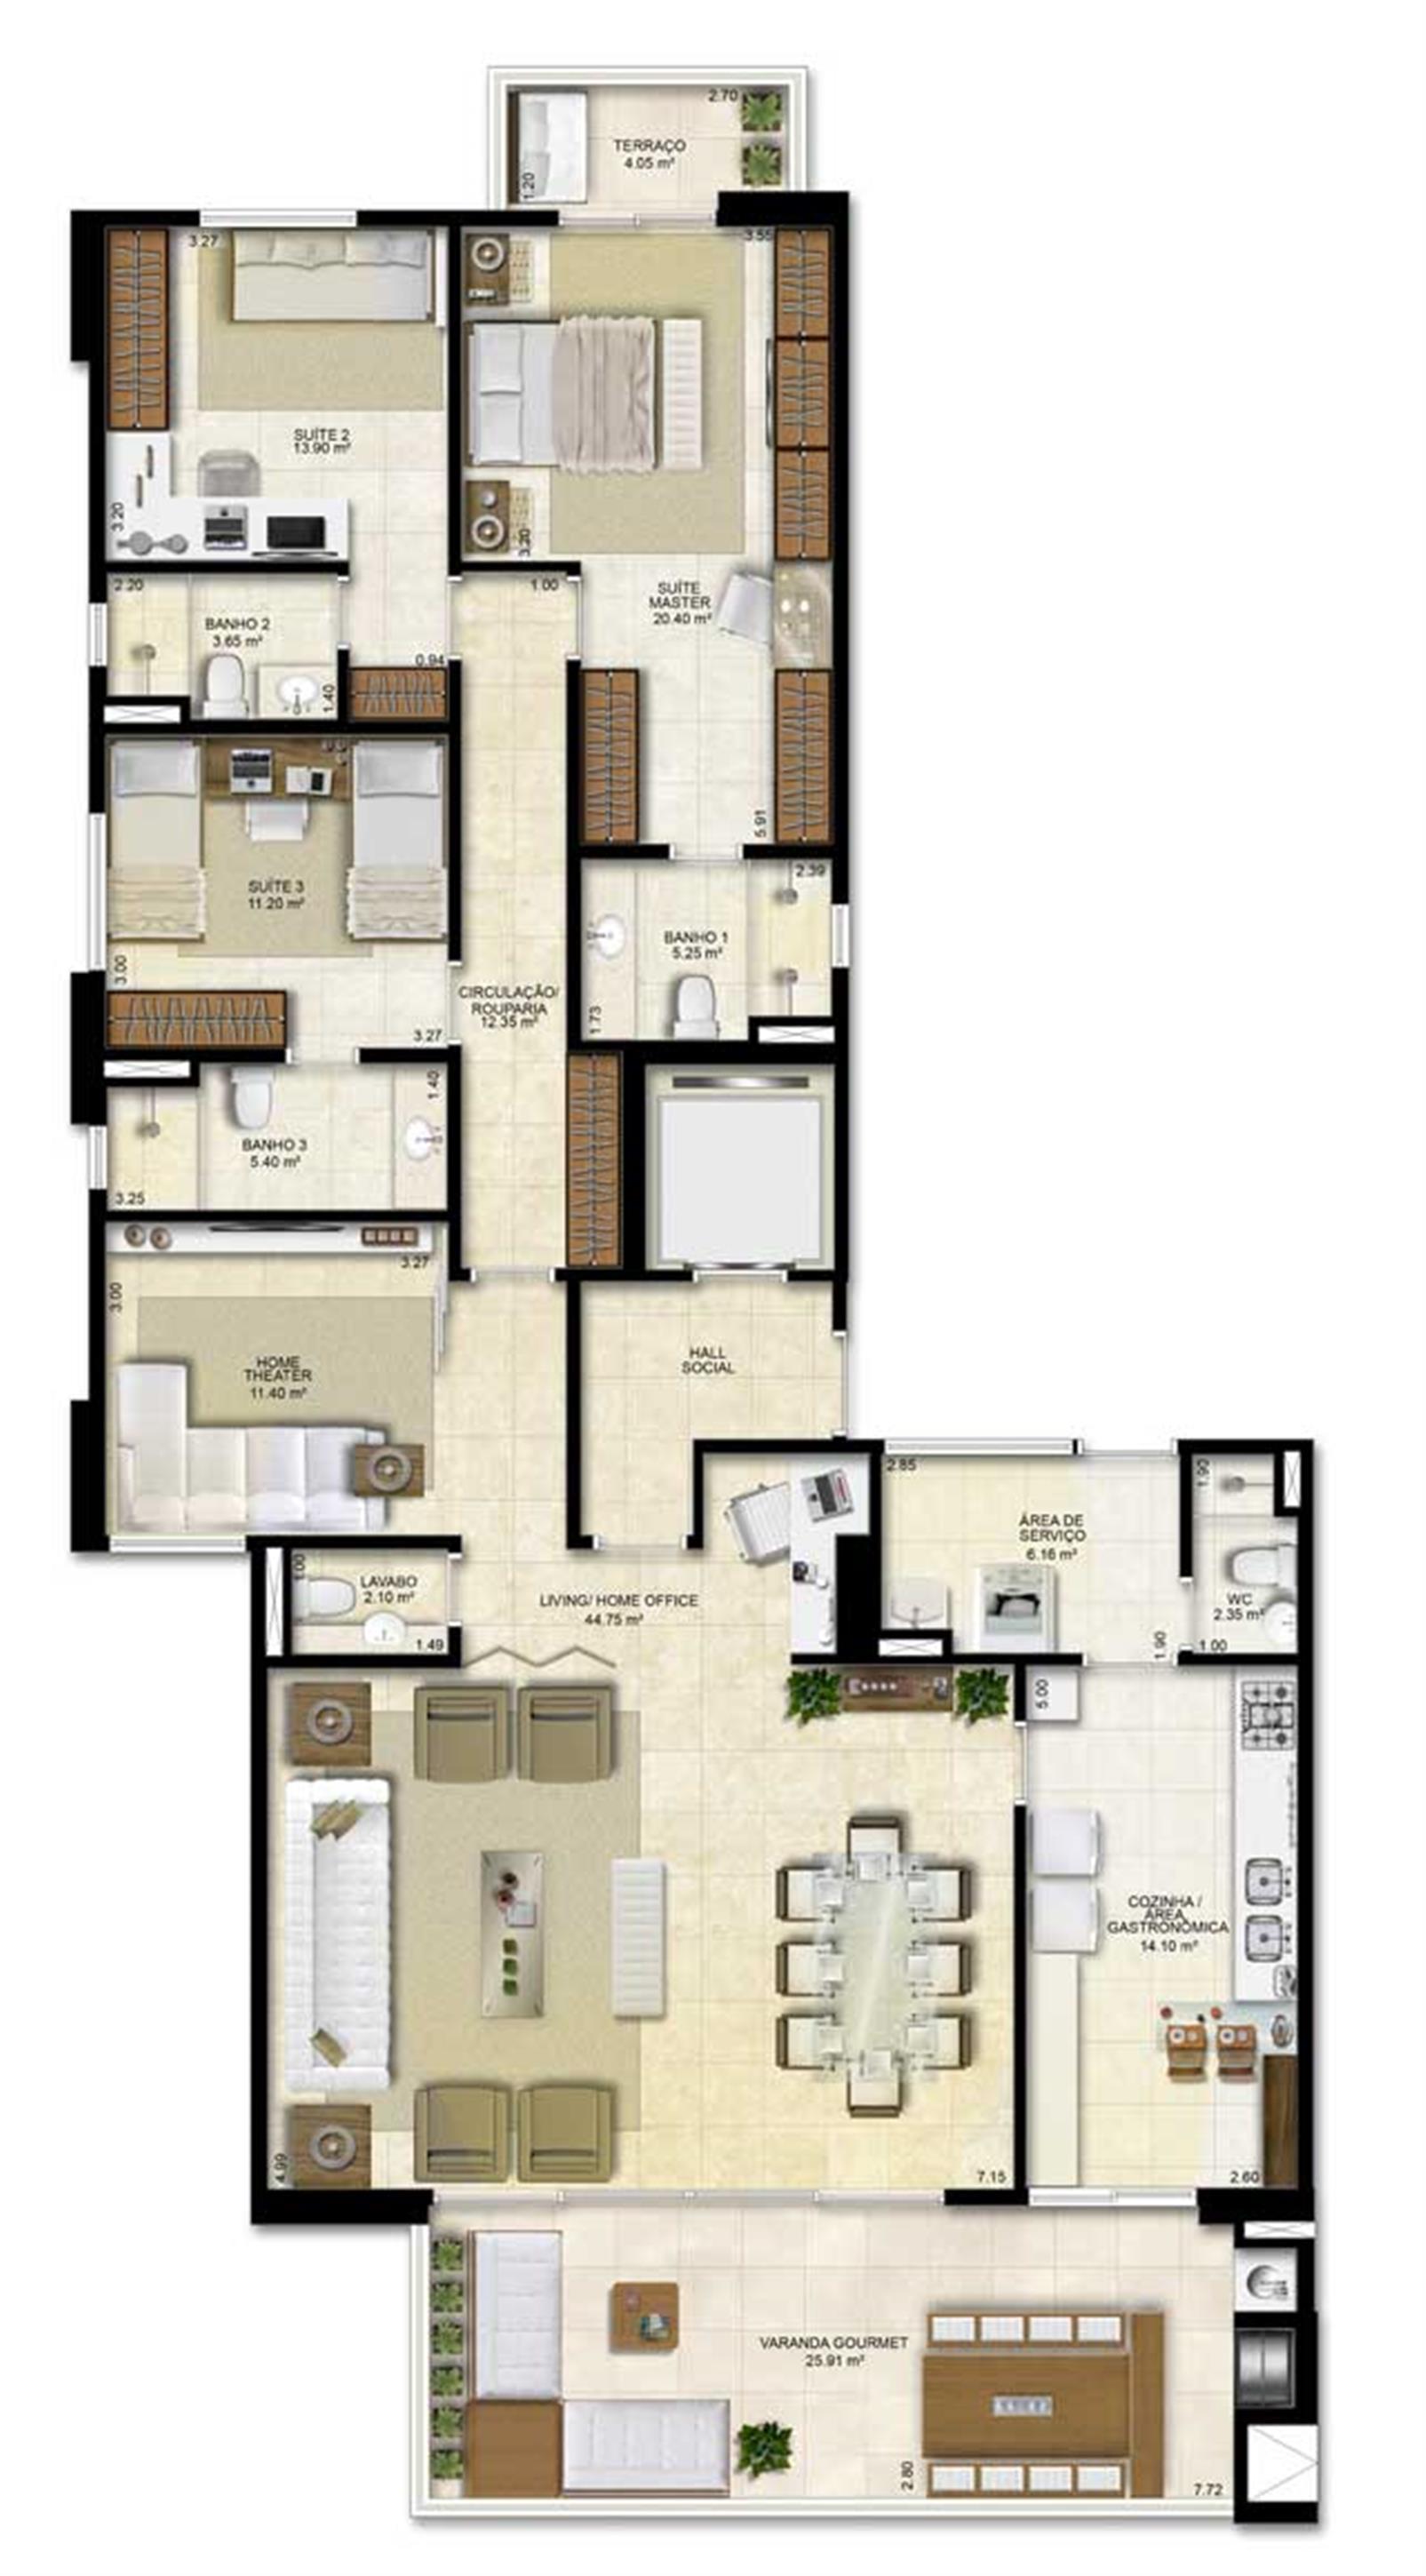 Opção de planta com 3 suítes e homme office   183 m² de área privativa | Vitrine Umarizal – Apartamentoem  Umarizal  - Belém - Pará